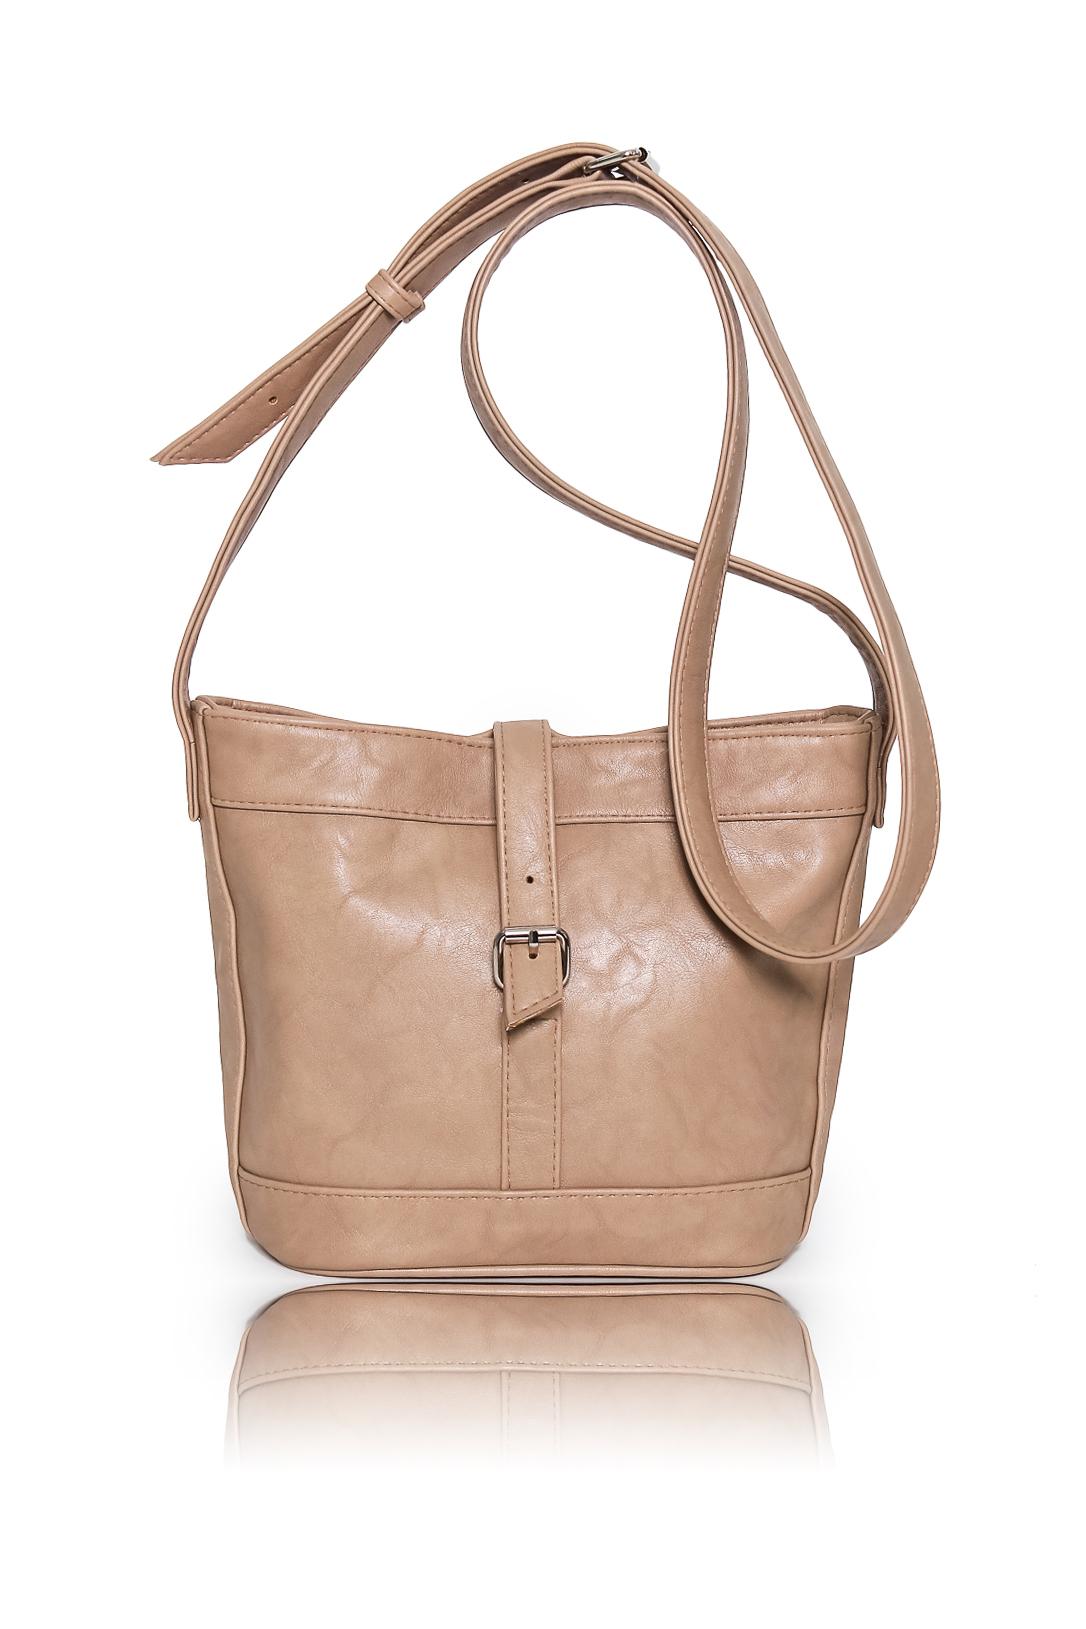 СумкаКлассические<br>Женские сумки бренда DINESSI - это стильные аксессуары, которые по достоинству оценят представительницы прекрасного пола.  Сумка с застежкой на потайной магнит. Длинная лямка с регулировкой на пряжке. Внутри карман на молнии и два накладных кармана.   Цвет: бежевый.  Размеры: Высота - 27 ± 1 см Длина - 20 ± 1 см Ширина - 10 ± 1 см<br><br>По материалу: Искусственная кожа<br>По образу: Город<br>По размеру: Средние<br>По рисунку: Однотонные<br>По силуэту стенок: Трапециевидные<br>По способу ношения: В руках,На плечо,Через плечо<br>По степени жесткости: Мягкие<br>По типу застежки: На магните,С застежкой молнией<br>По элементам: Карман на молнии,Карман под телефон<br>Ручки: Длинные,Регулируемые<br>Размер : UNI<br>Материал: Искусственная кожа<br>Количество в наличии: 1